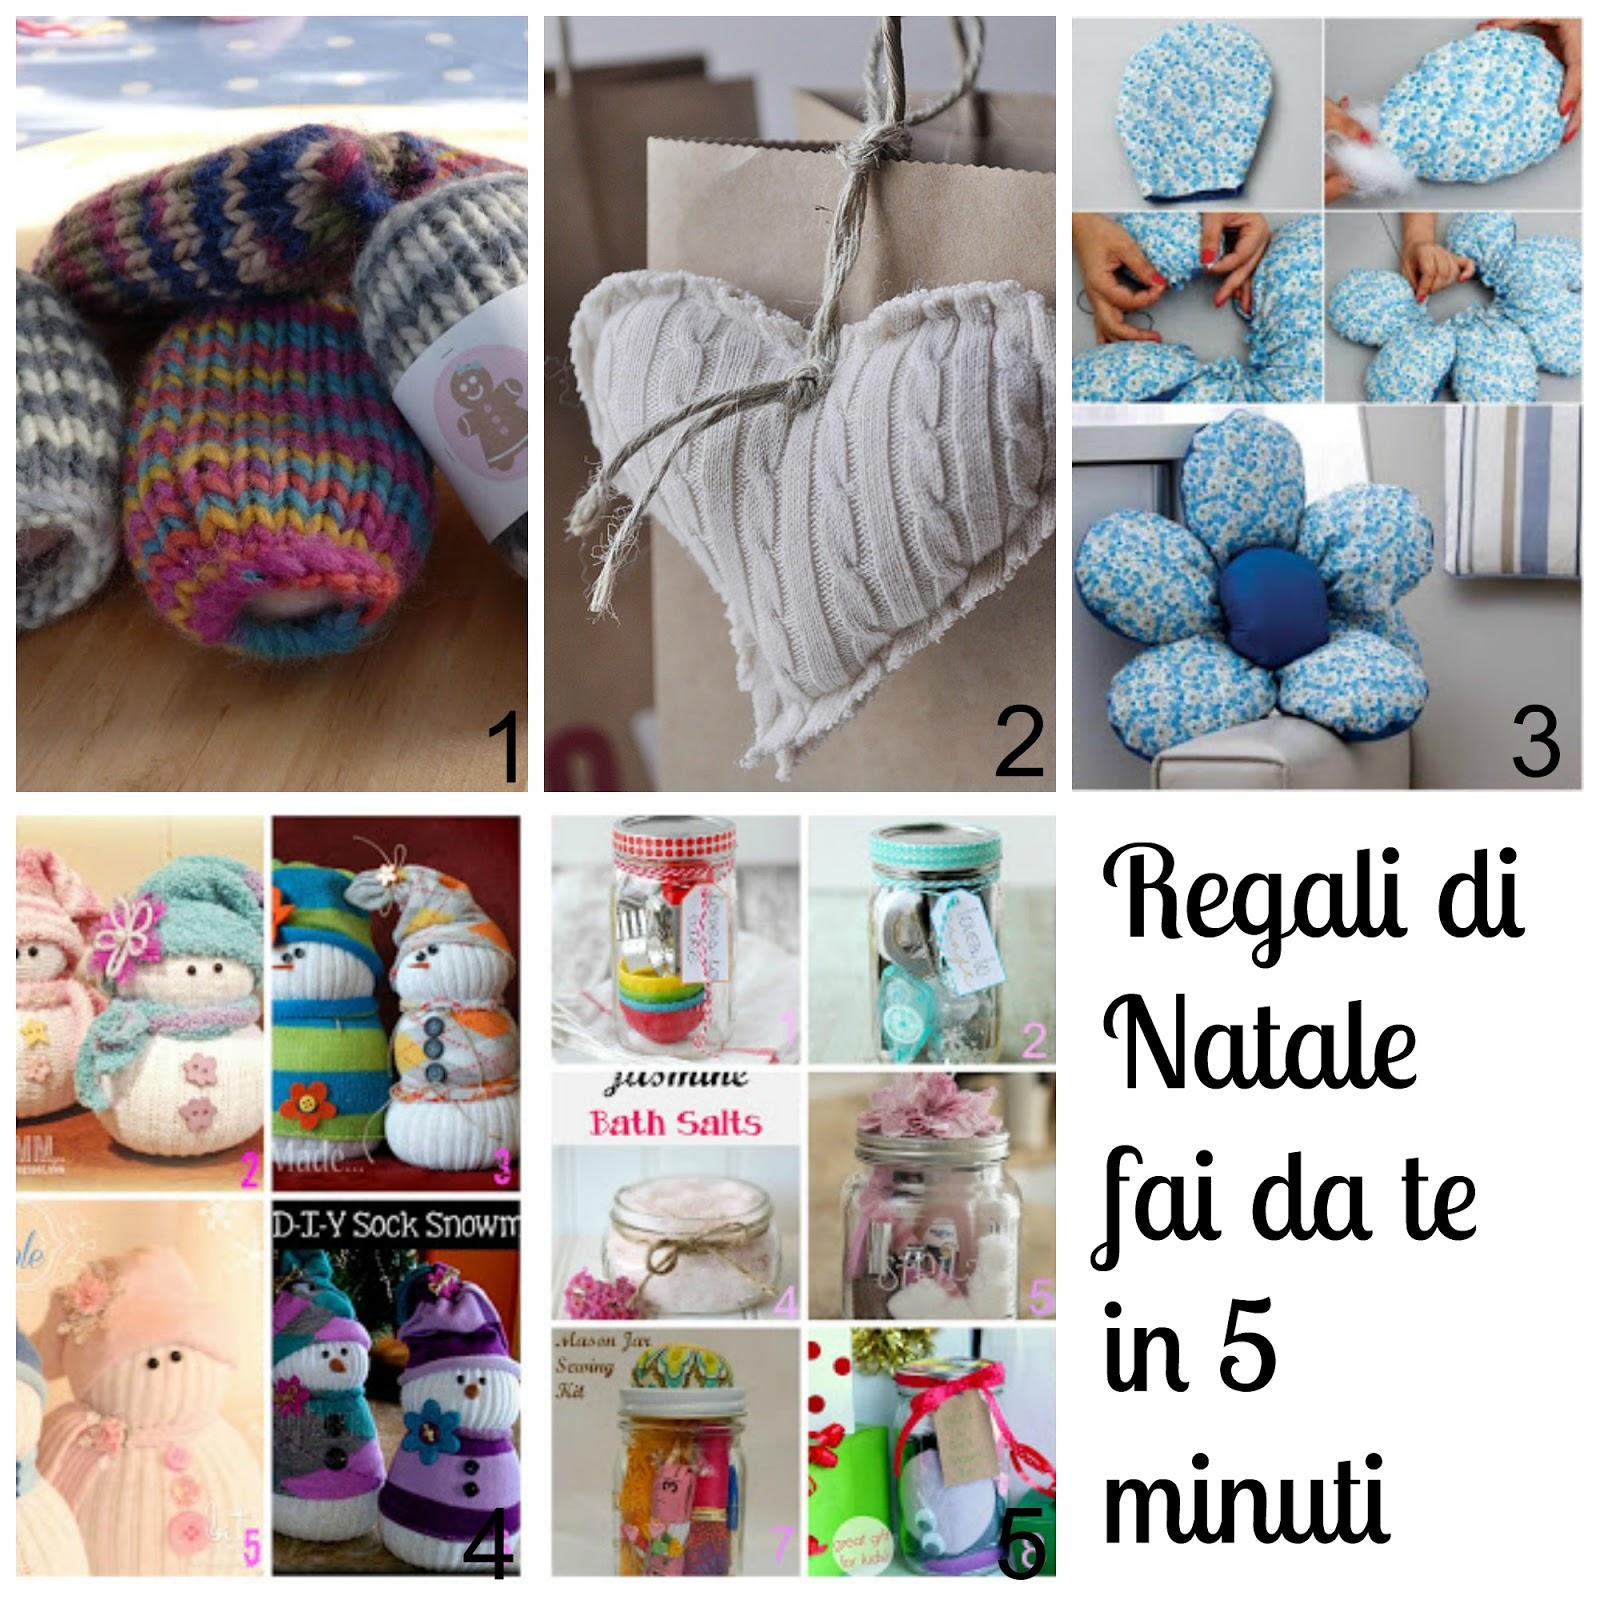 Best Regali Di Natale Fai Da Te Cucina Gallery - Ideas & Design 2017 ...